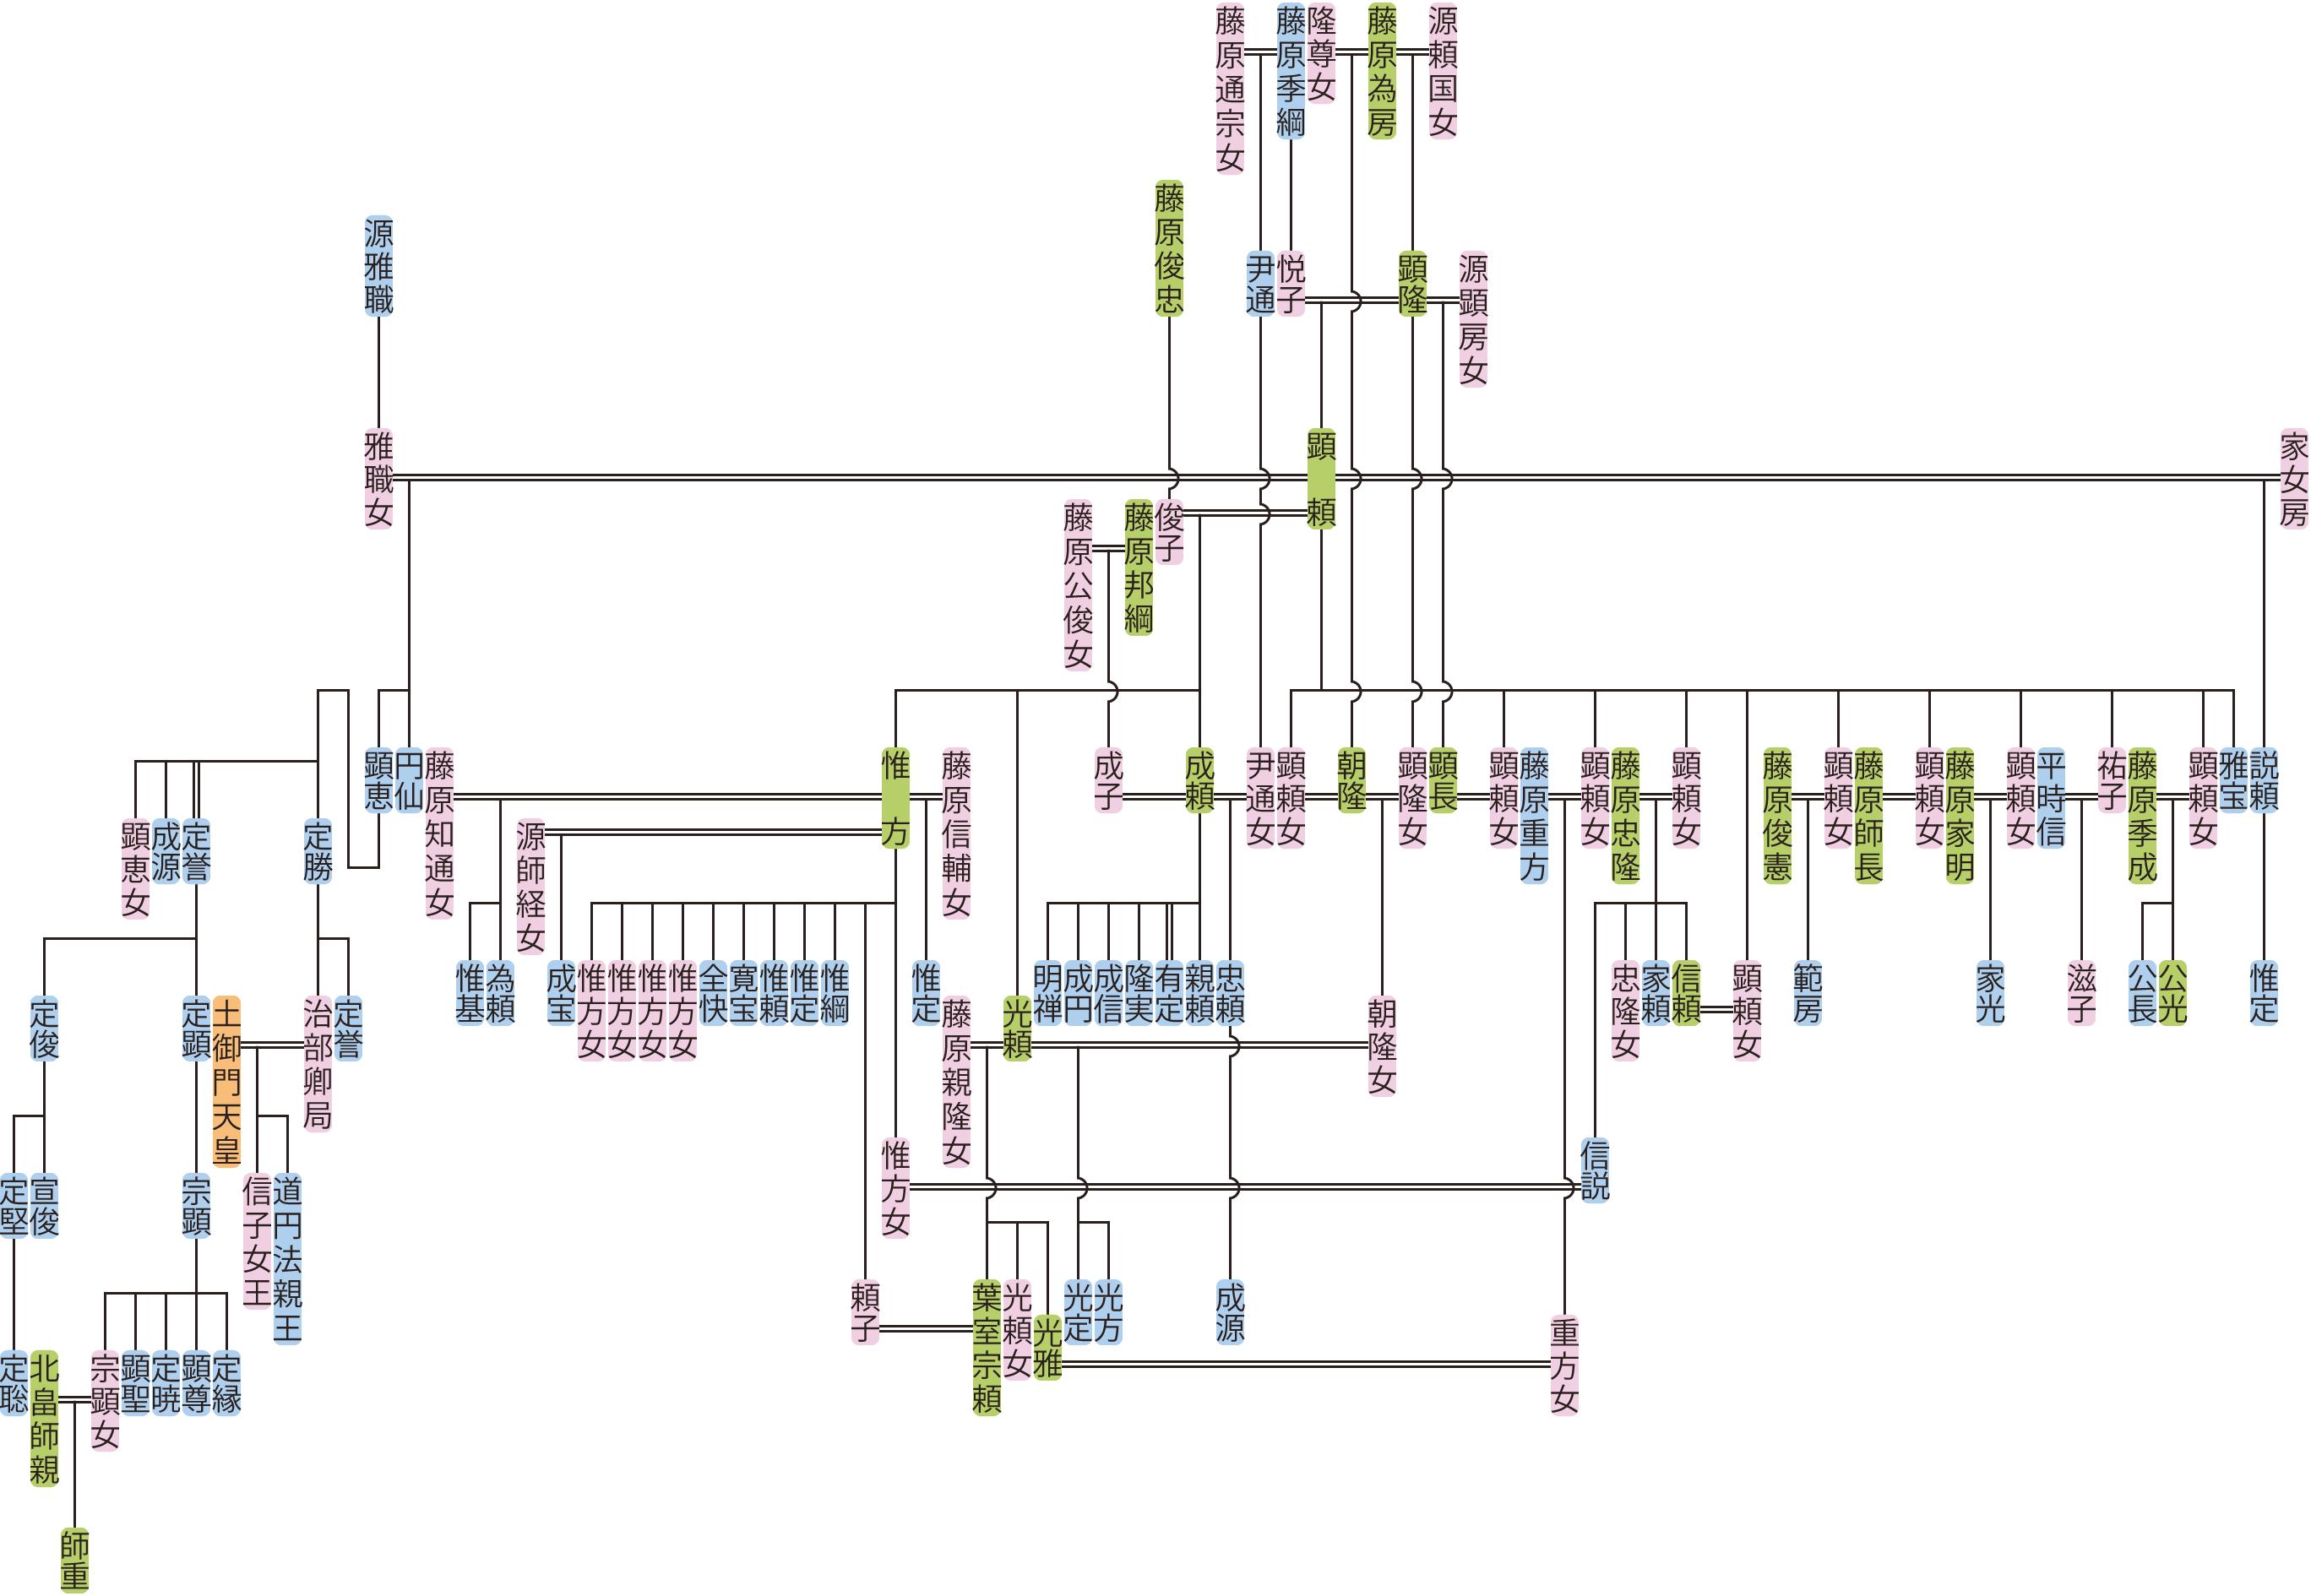 藤原顕頼の系図